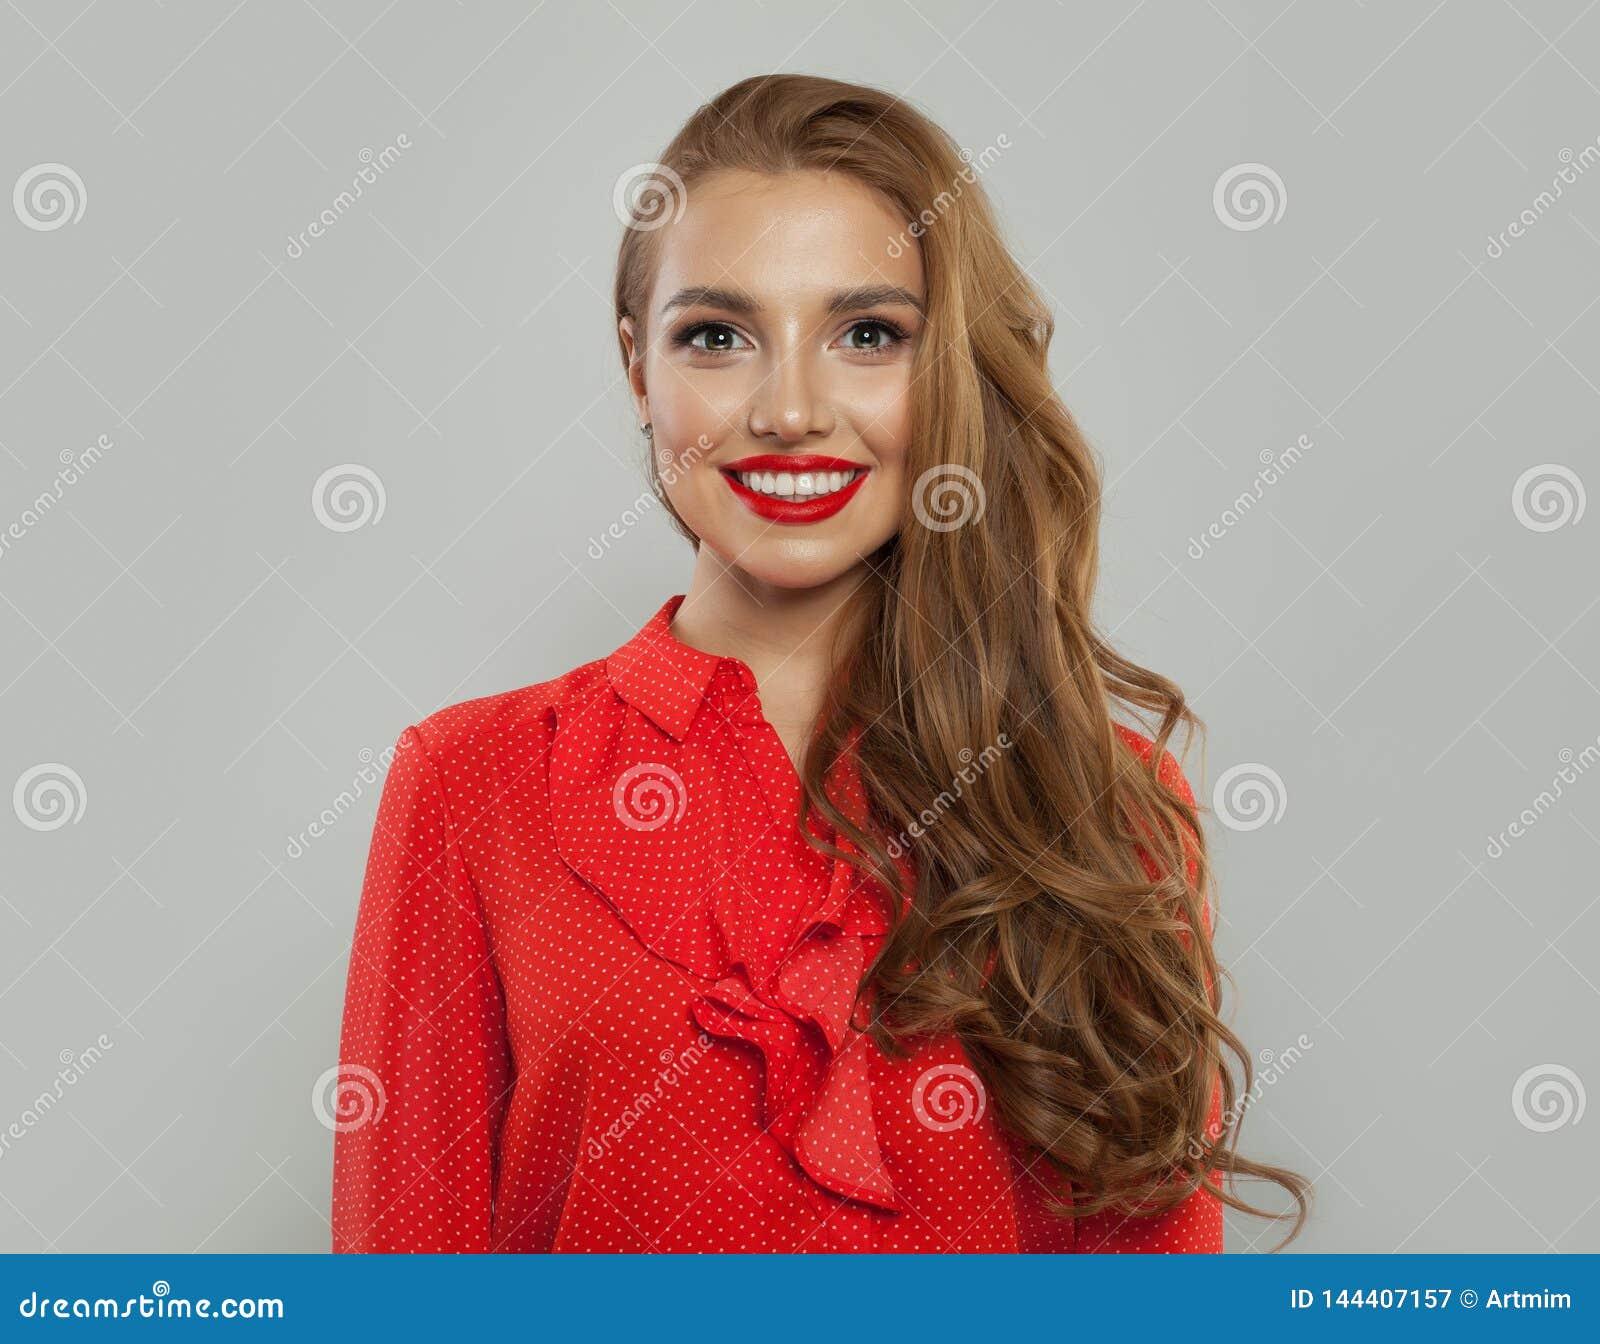 Portret dosyć uśmiechać się wzorcowej kobiety na białym tle